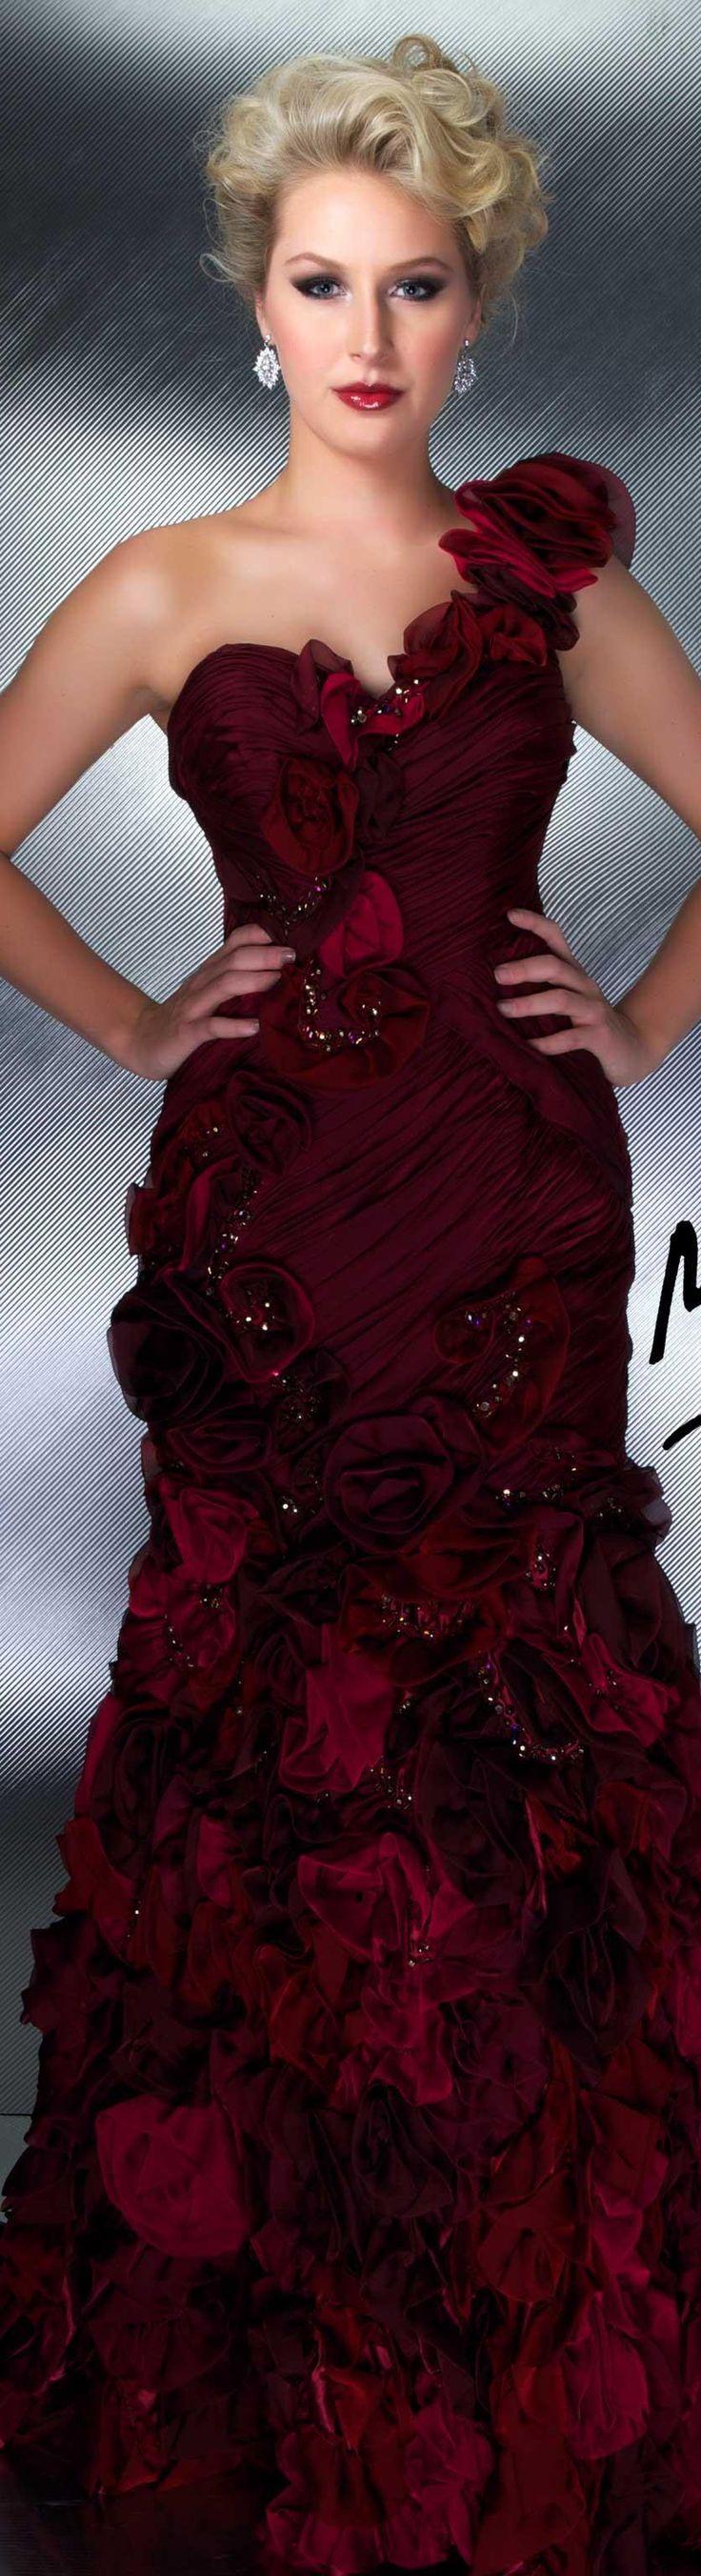 Coleção Mac Duggal STYLE 80108D - Vestido longo modelo um ombro só cor vinho com detalhes e bordados -------------------------------------------- http://www.vestidosonline.com.br/modelos-de-vestidos/vestidos-longos